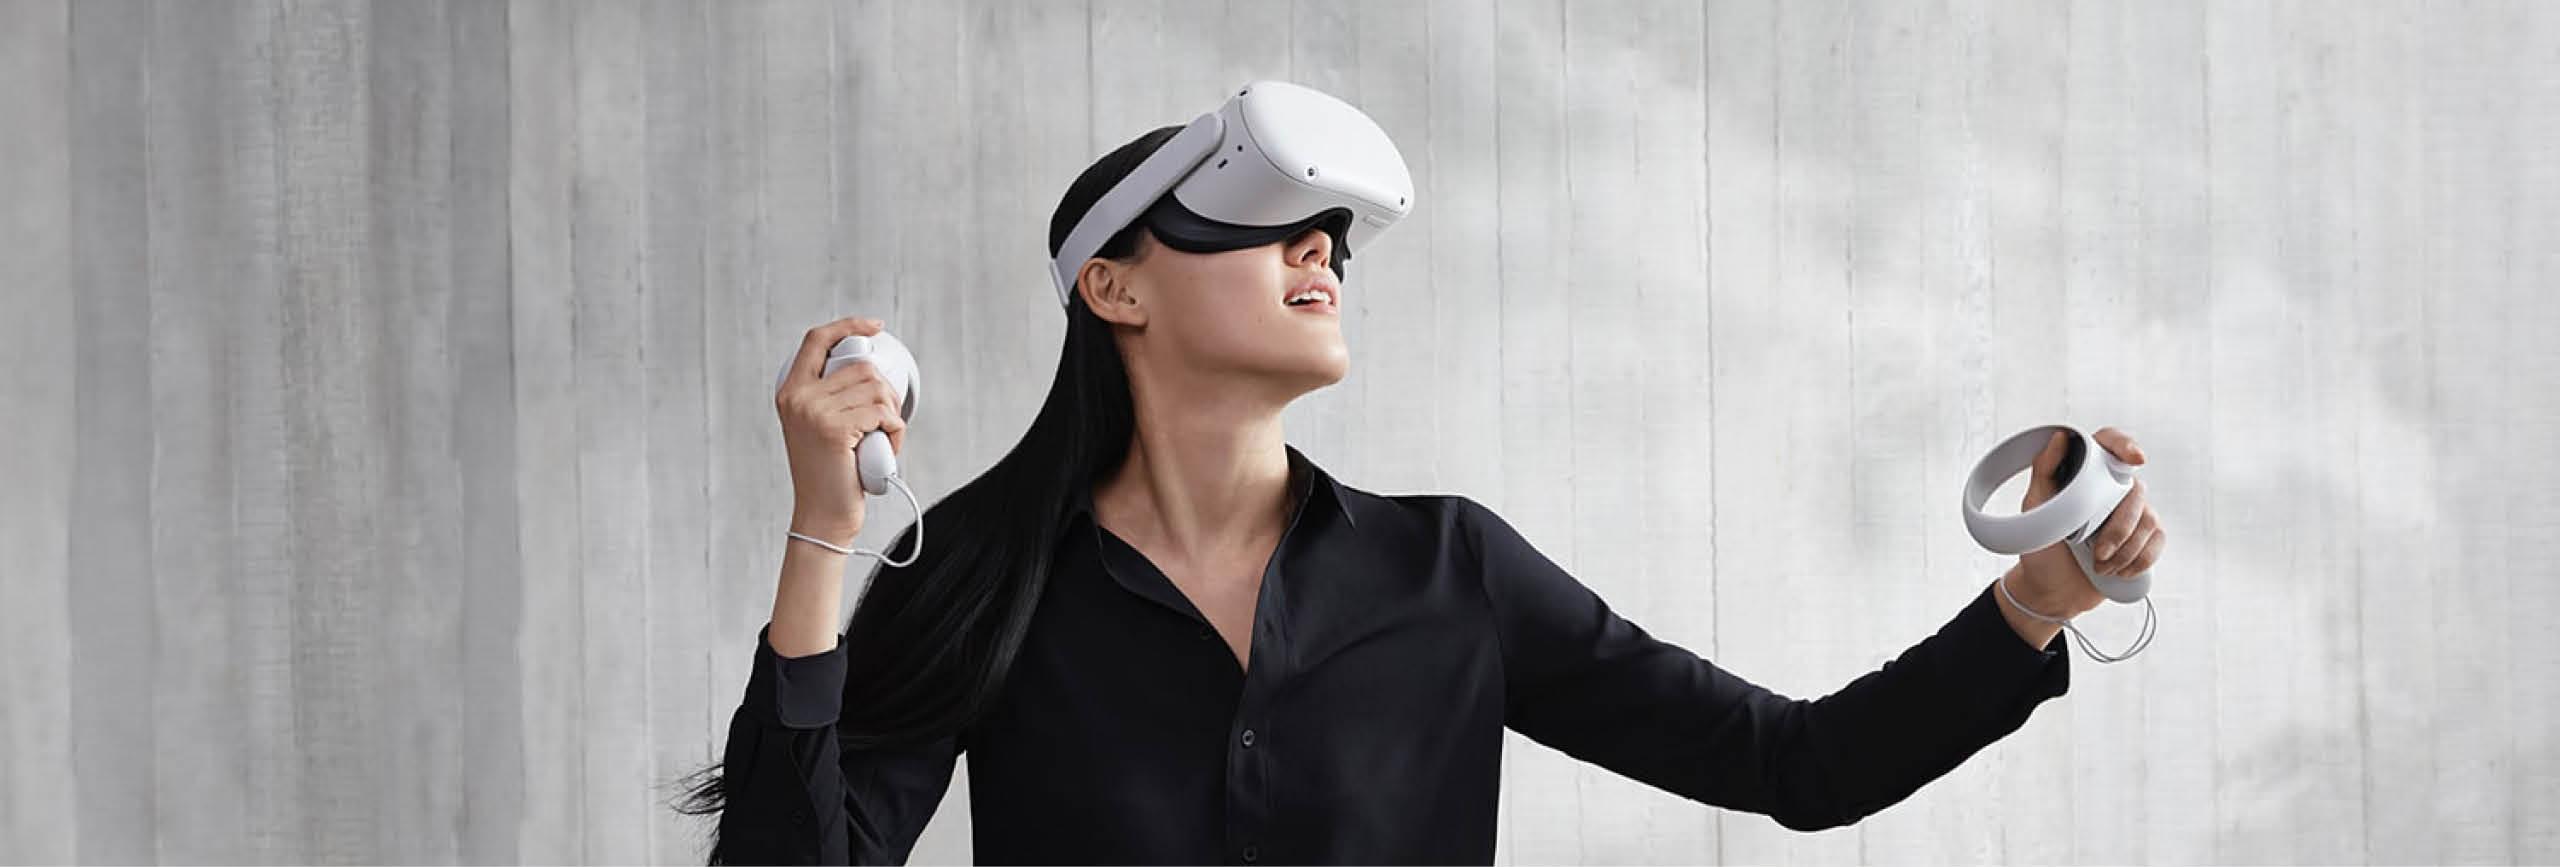 VR-Brille Oculus Quest 2